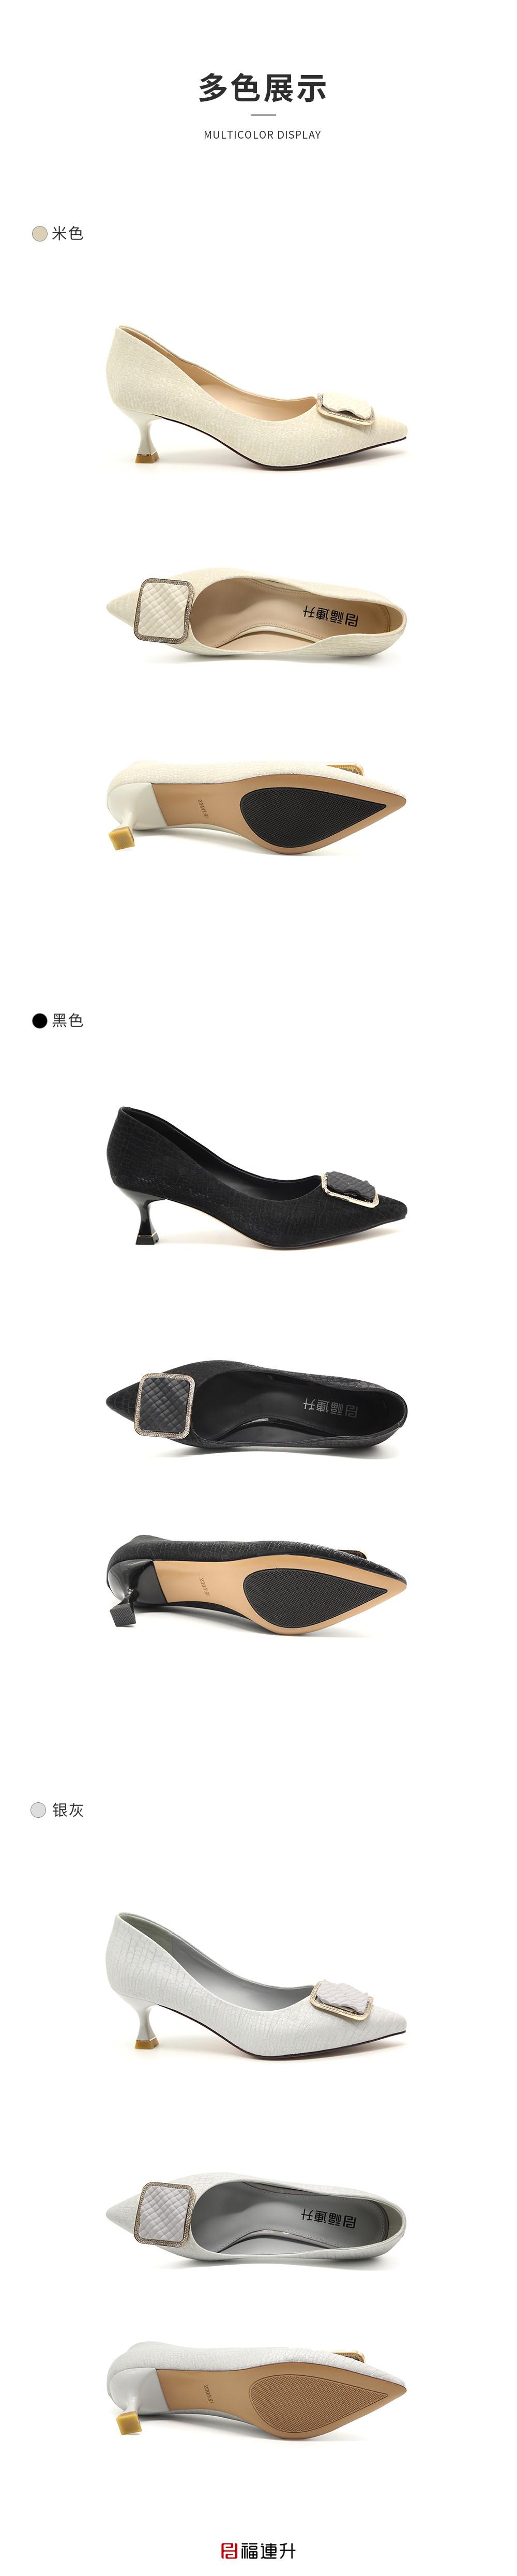 福连升休闲鞋女鞋职业工作鞋春款尖头方扣细跟中高跟鞋浅口单鞋图片